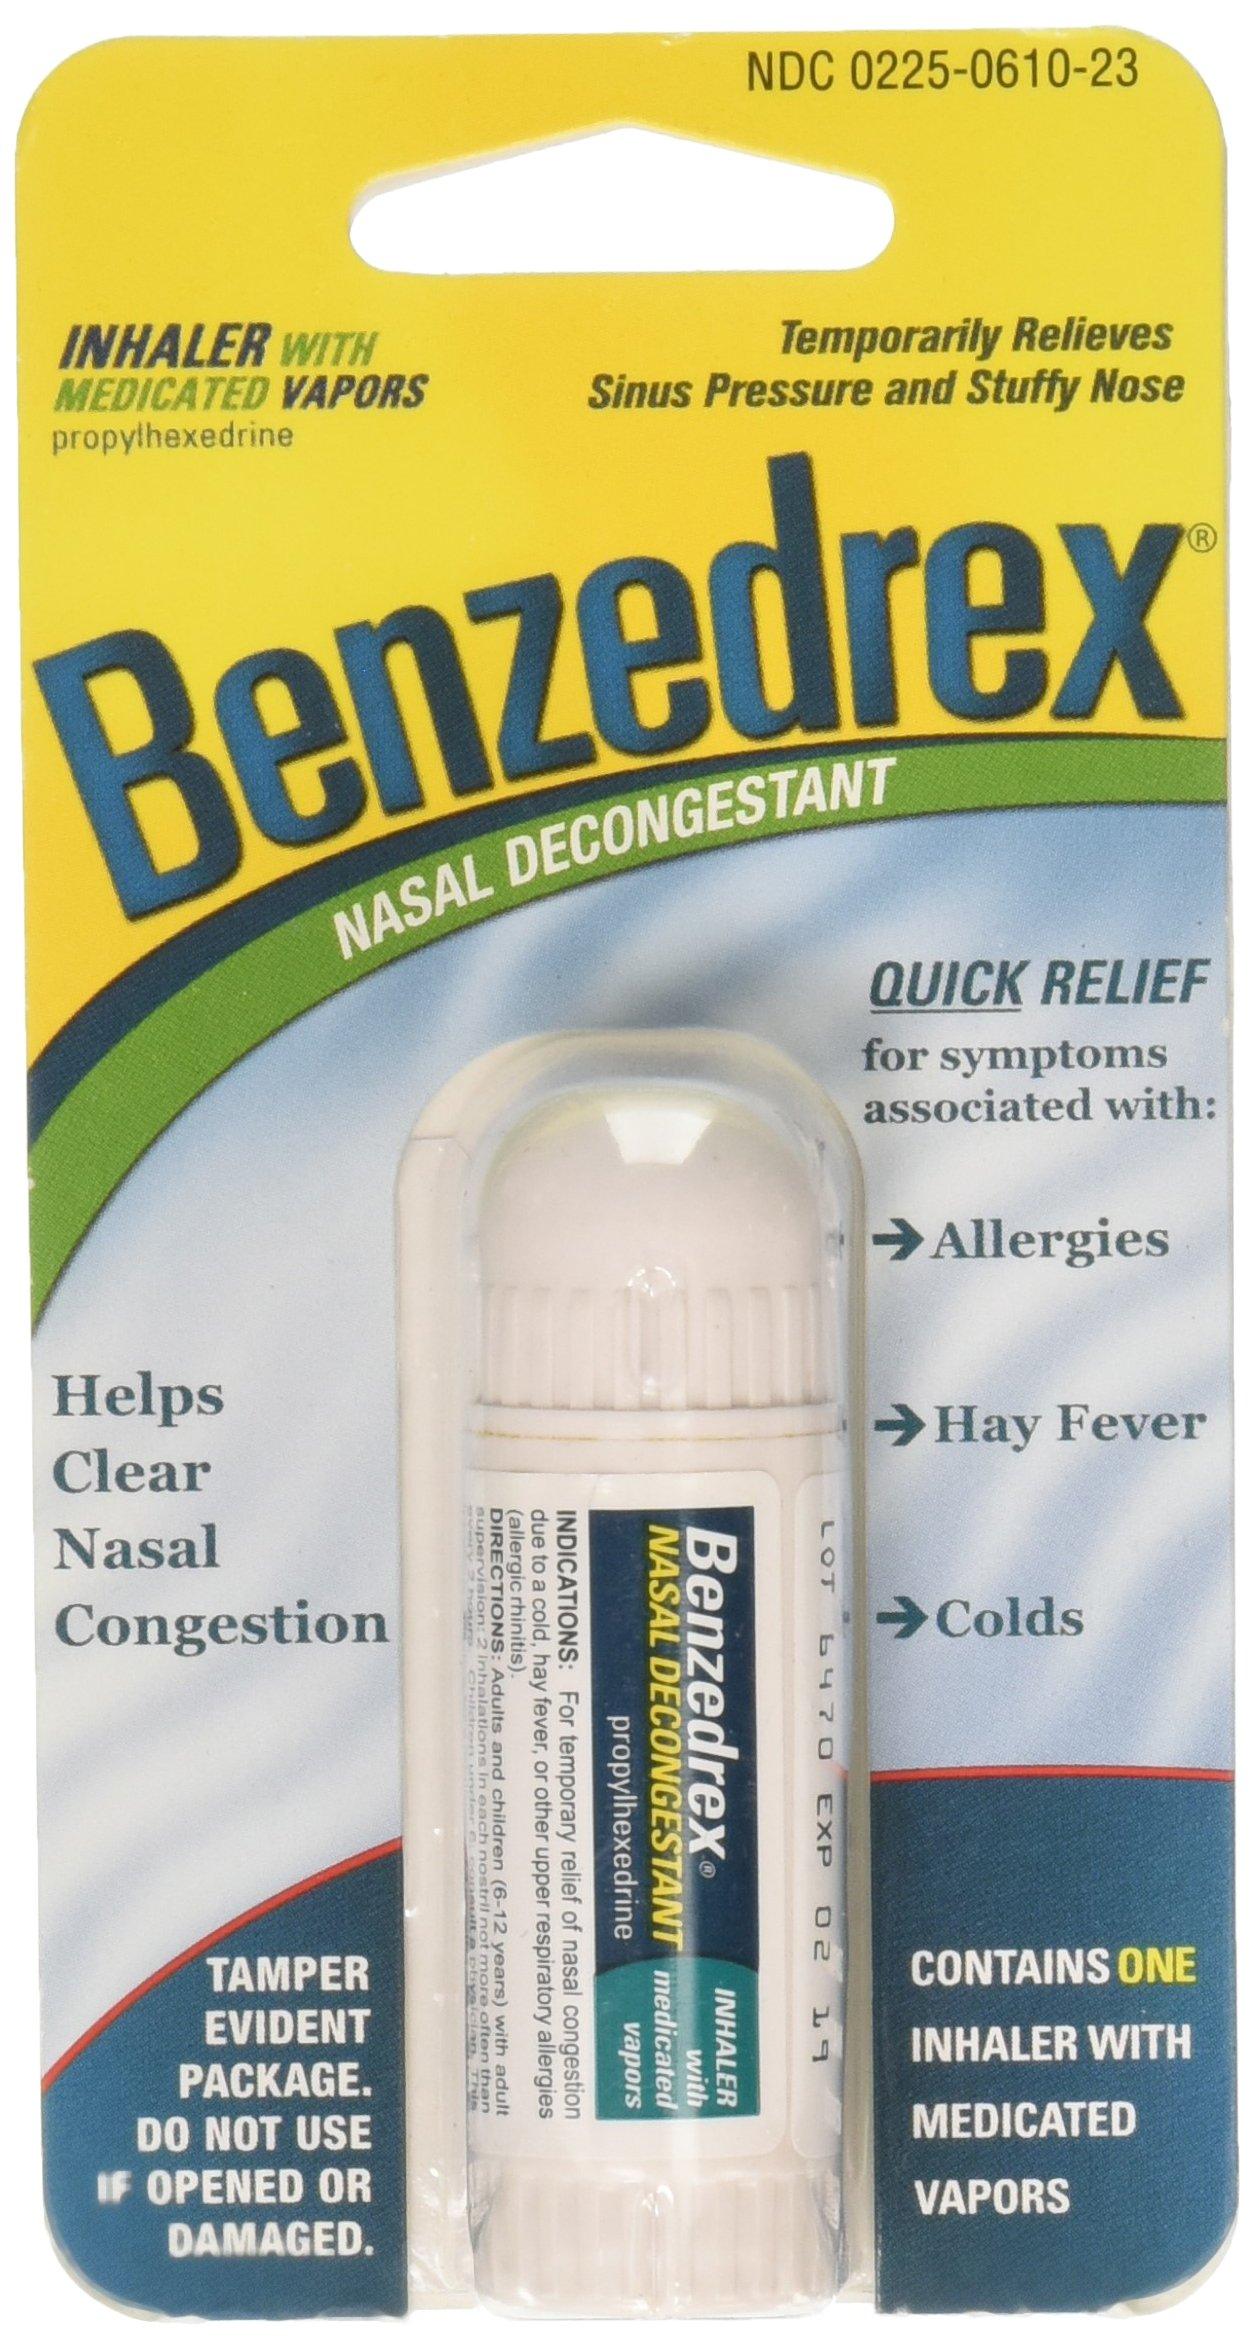 Benzedrex Inhaler Propylhexedrine Nasal Decongestant, 12 Count by Benzedrex